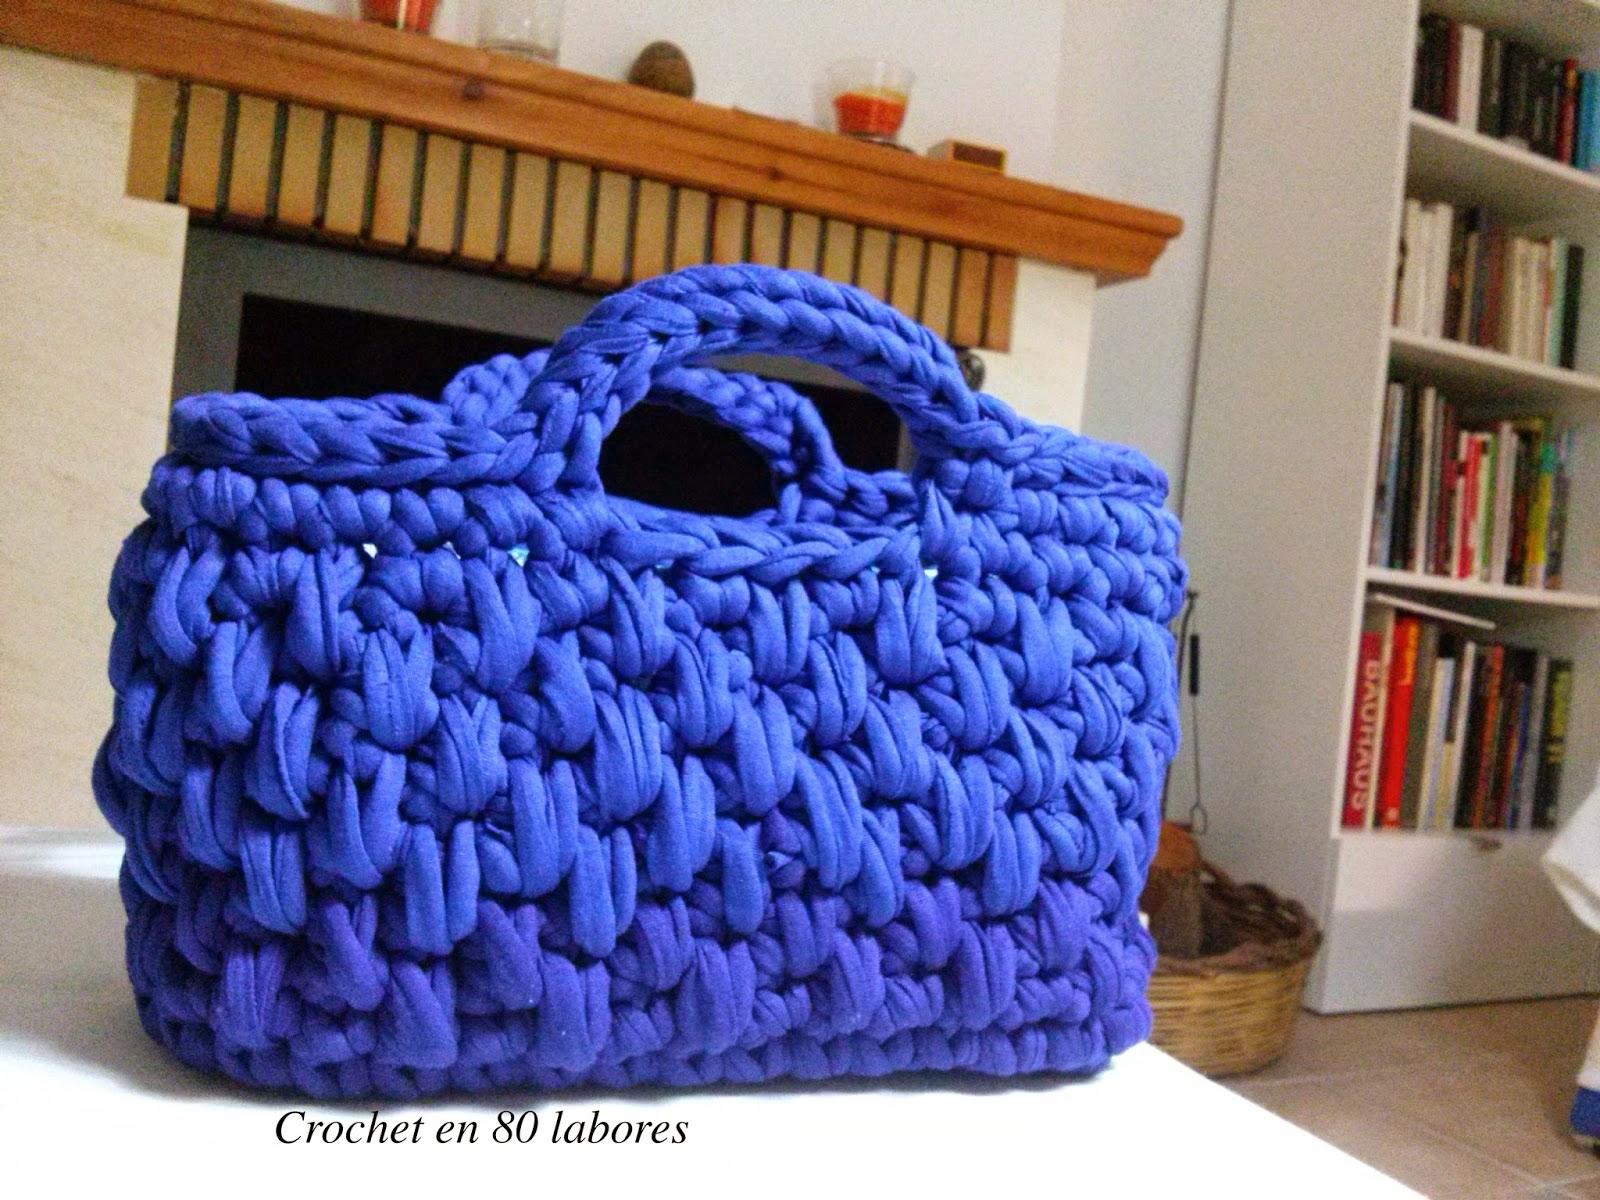 Crochet en 80 labores patr n bolso de mano de ganchillo - Puntos crochet trapillo ...